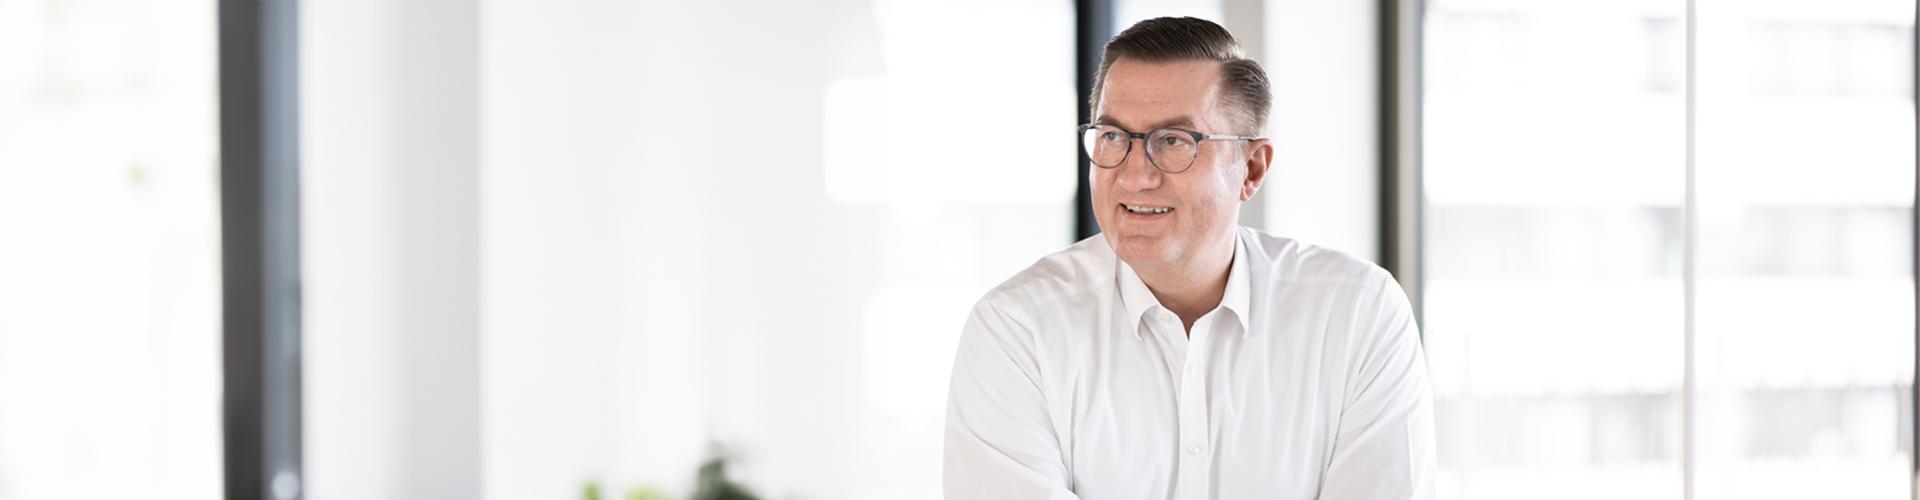 Vorstand der Evangelischen Bank eG